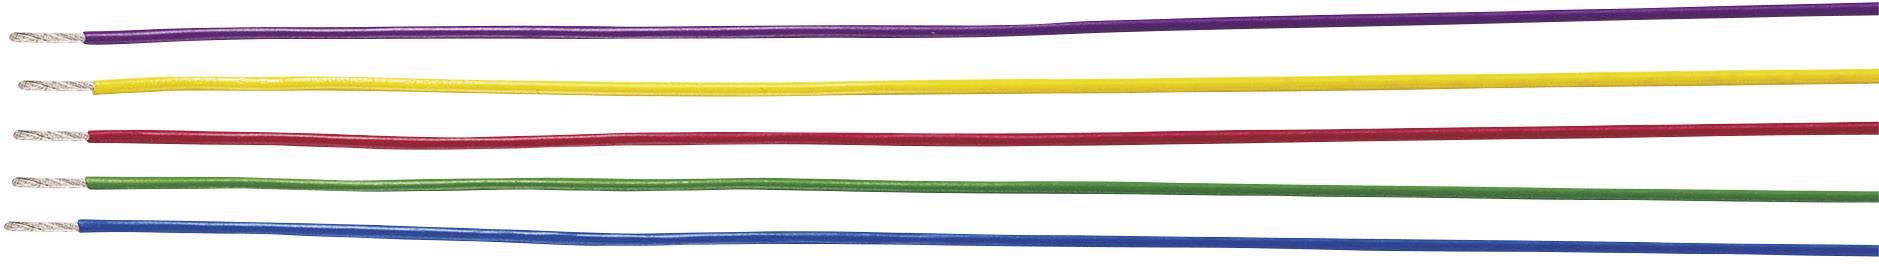 Opletenie / lanko Helukabel 26424 LiYv, 1 x 0.25 mm², vonkajší Ø 1.30 mm, metrový tovar, hnedá